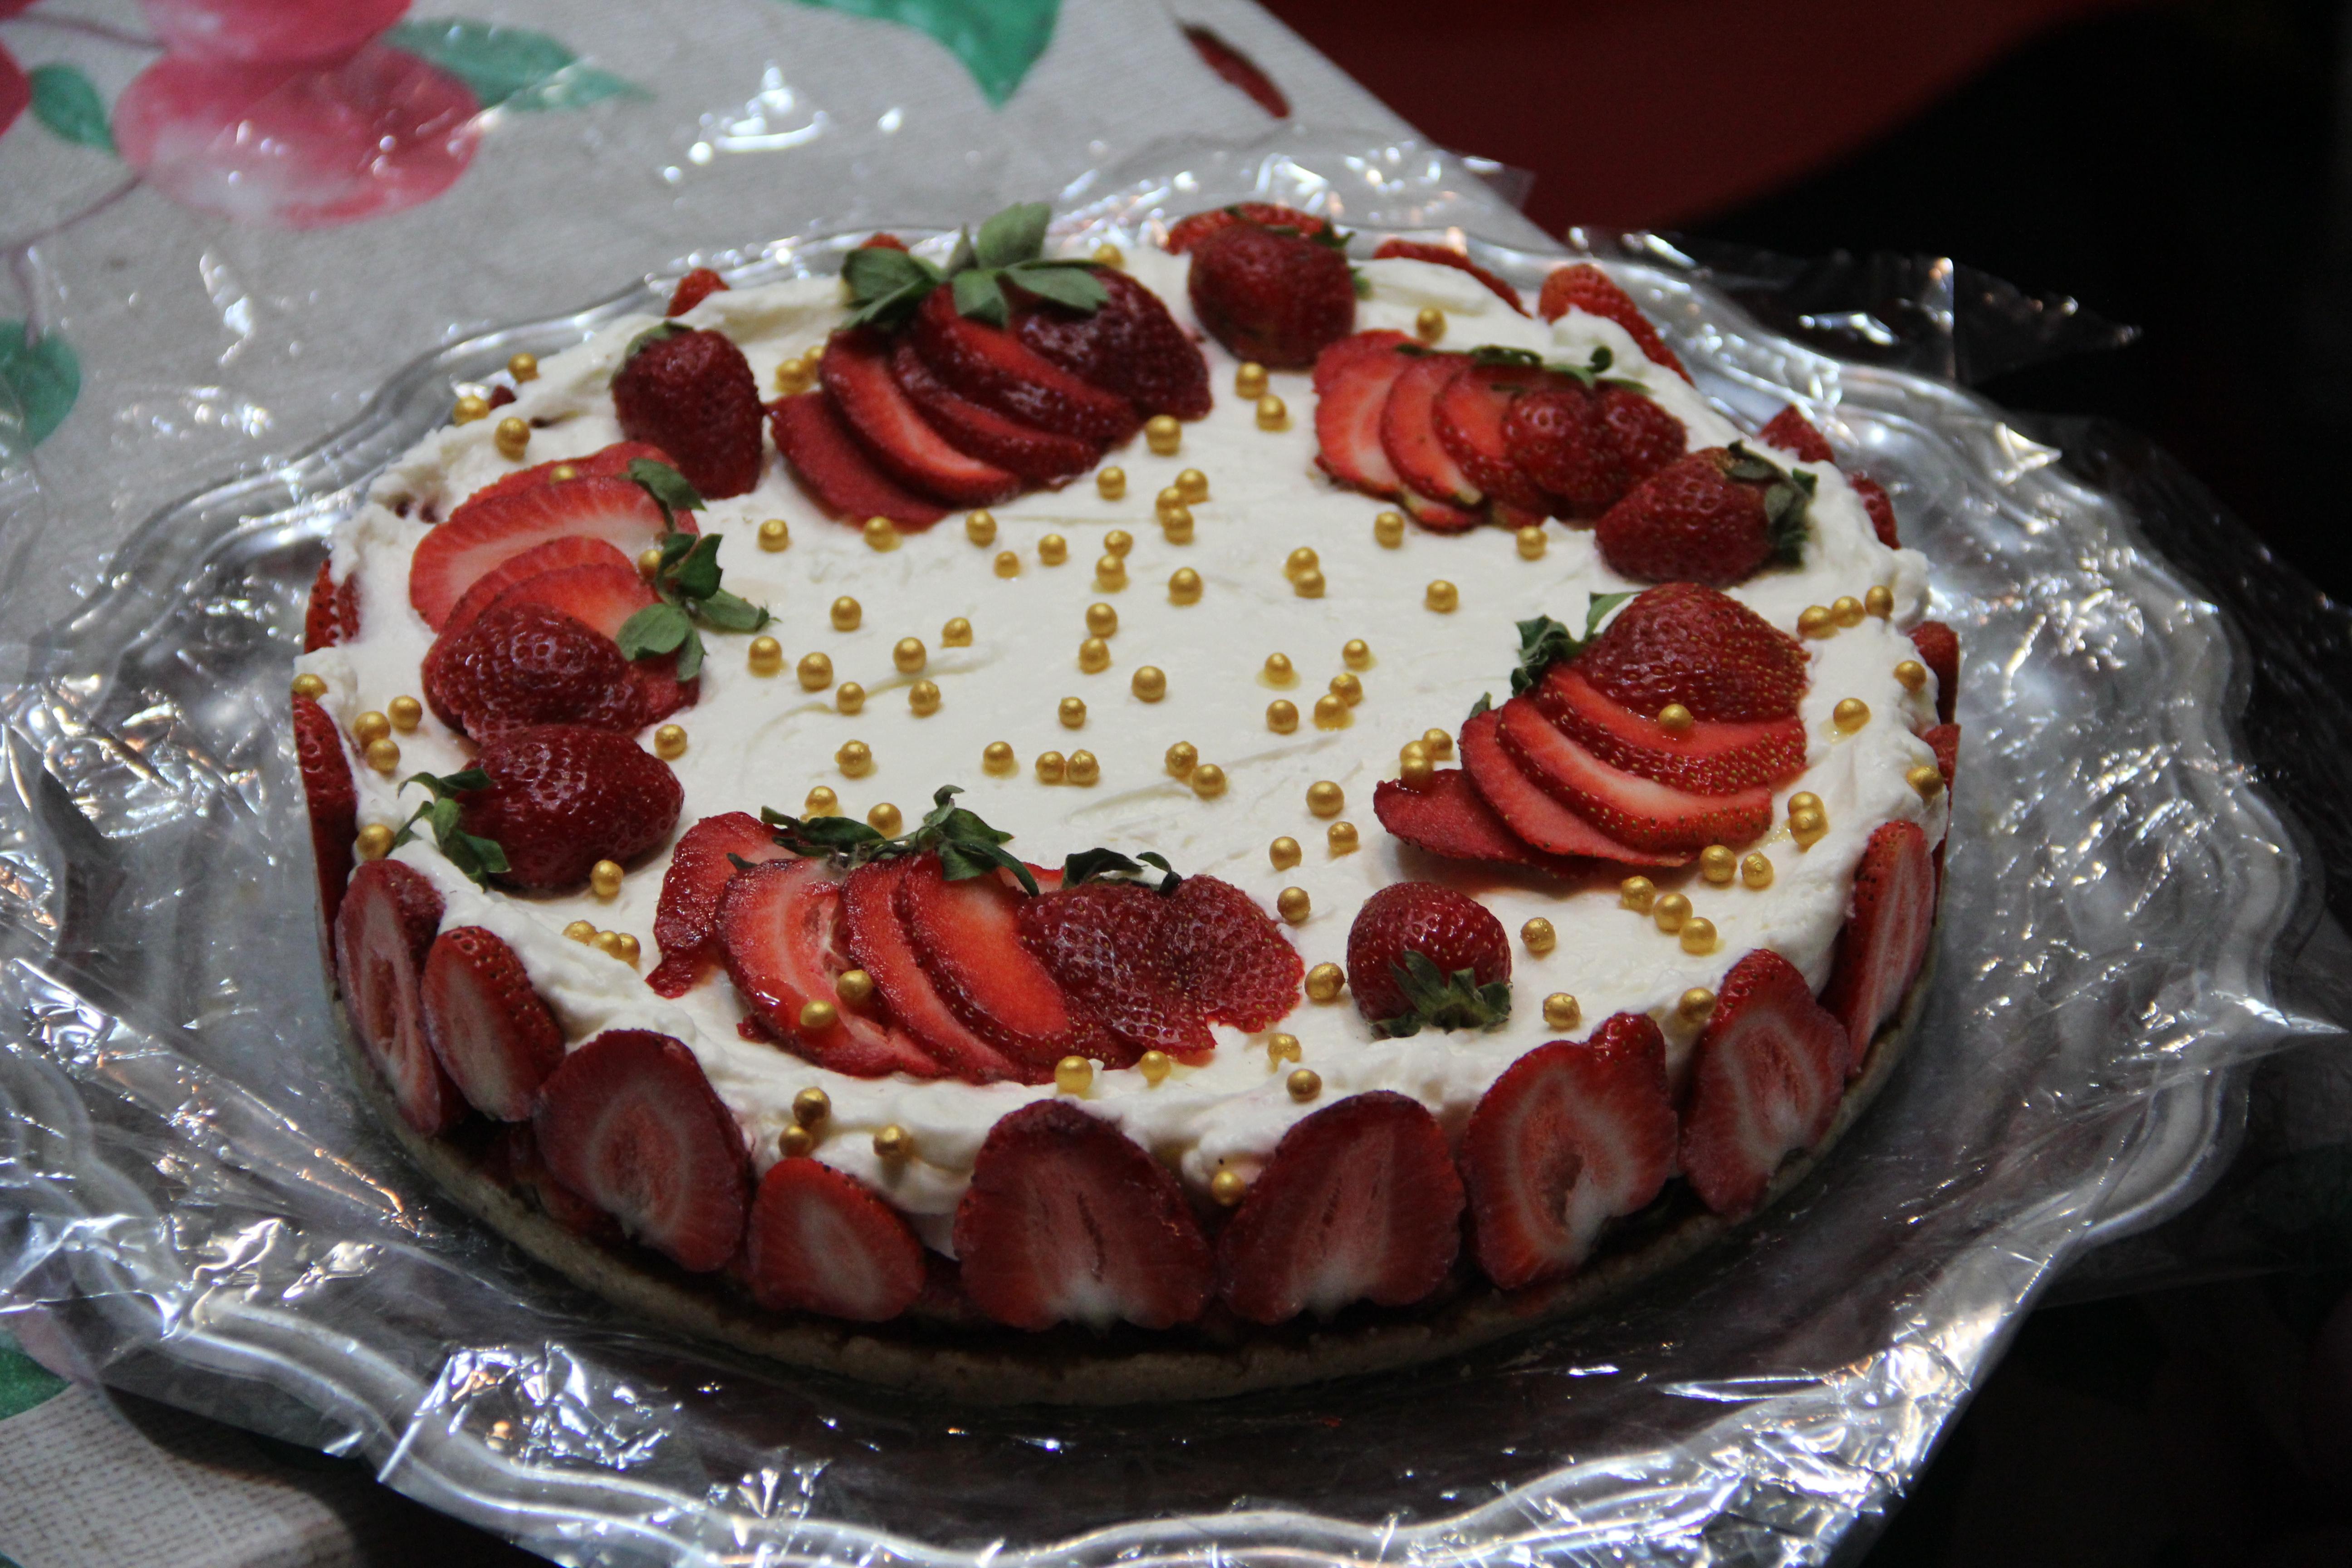 плитка простой клубничный торт рецепт с фото тянущиеся следы